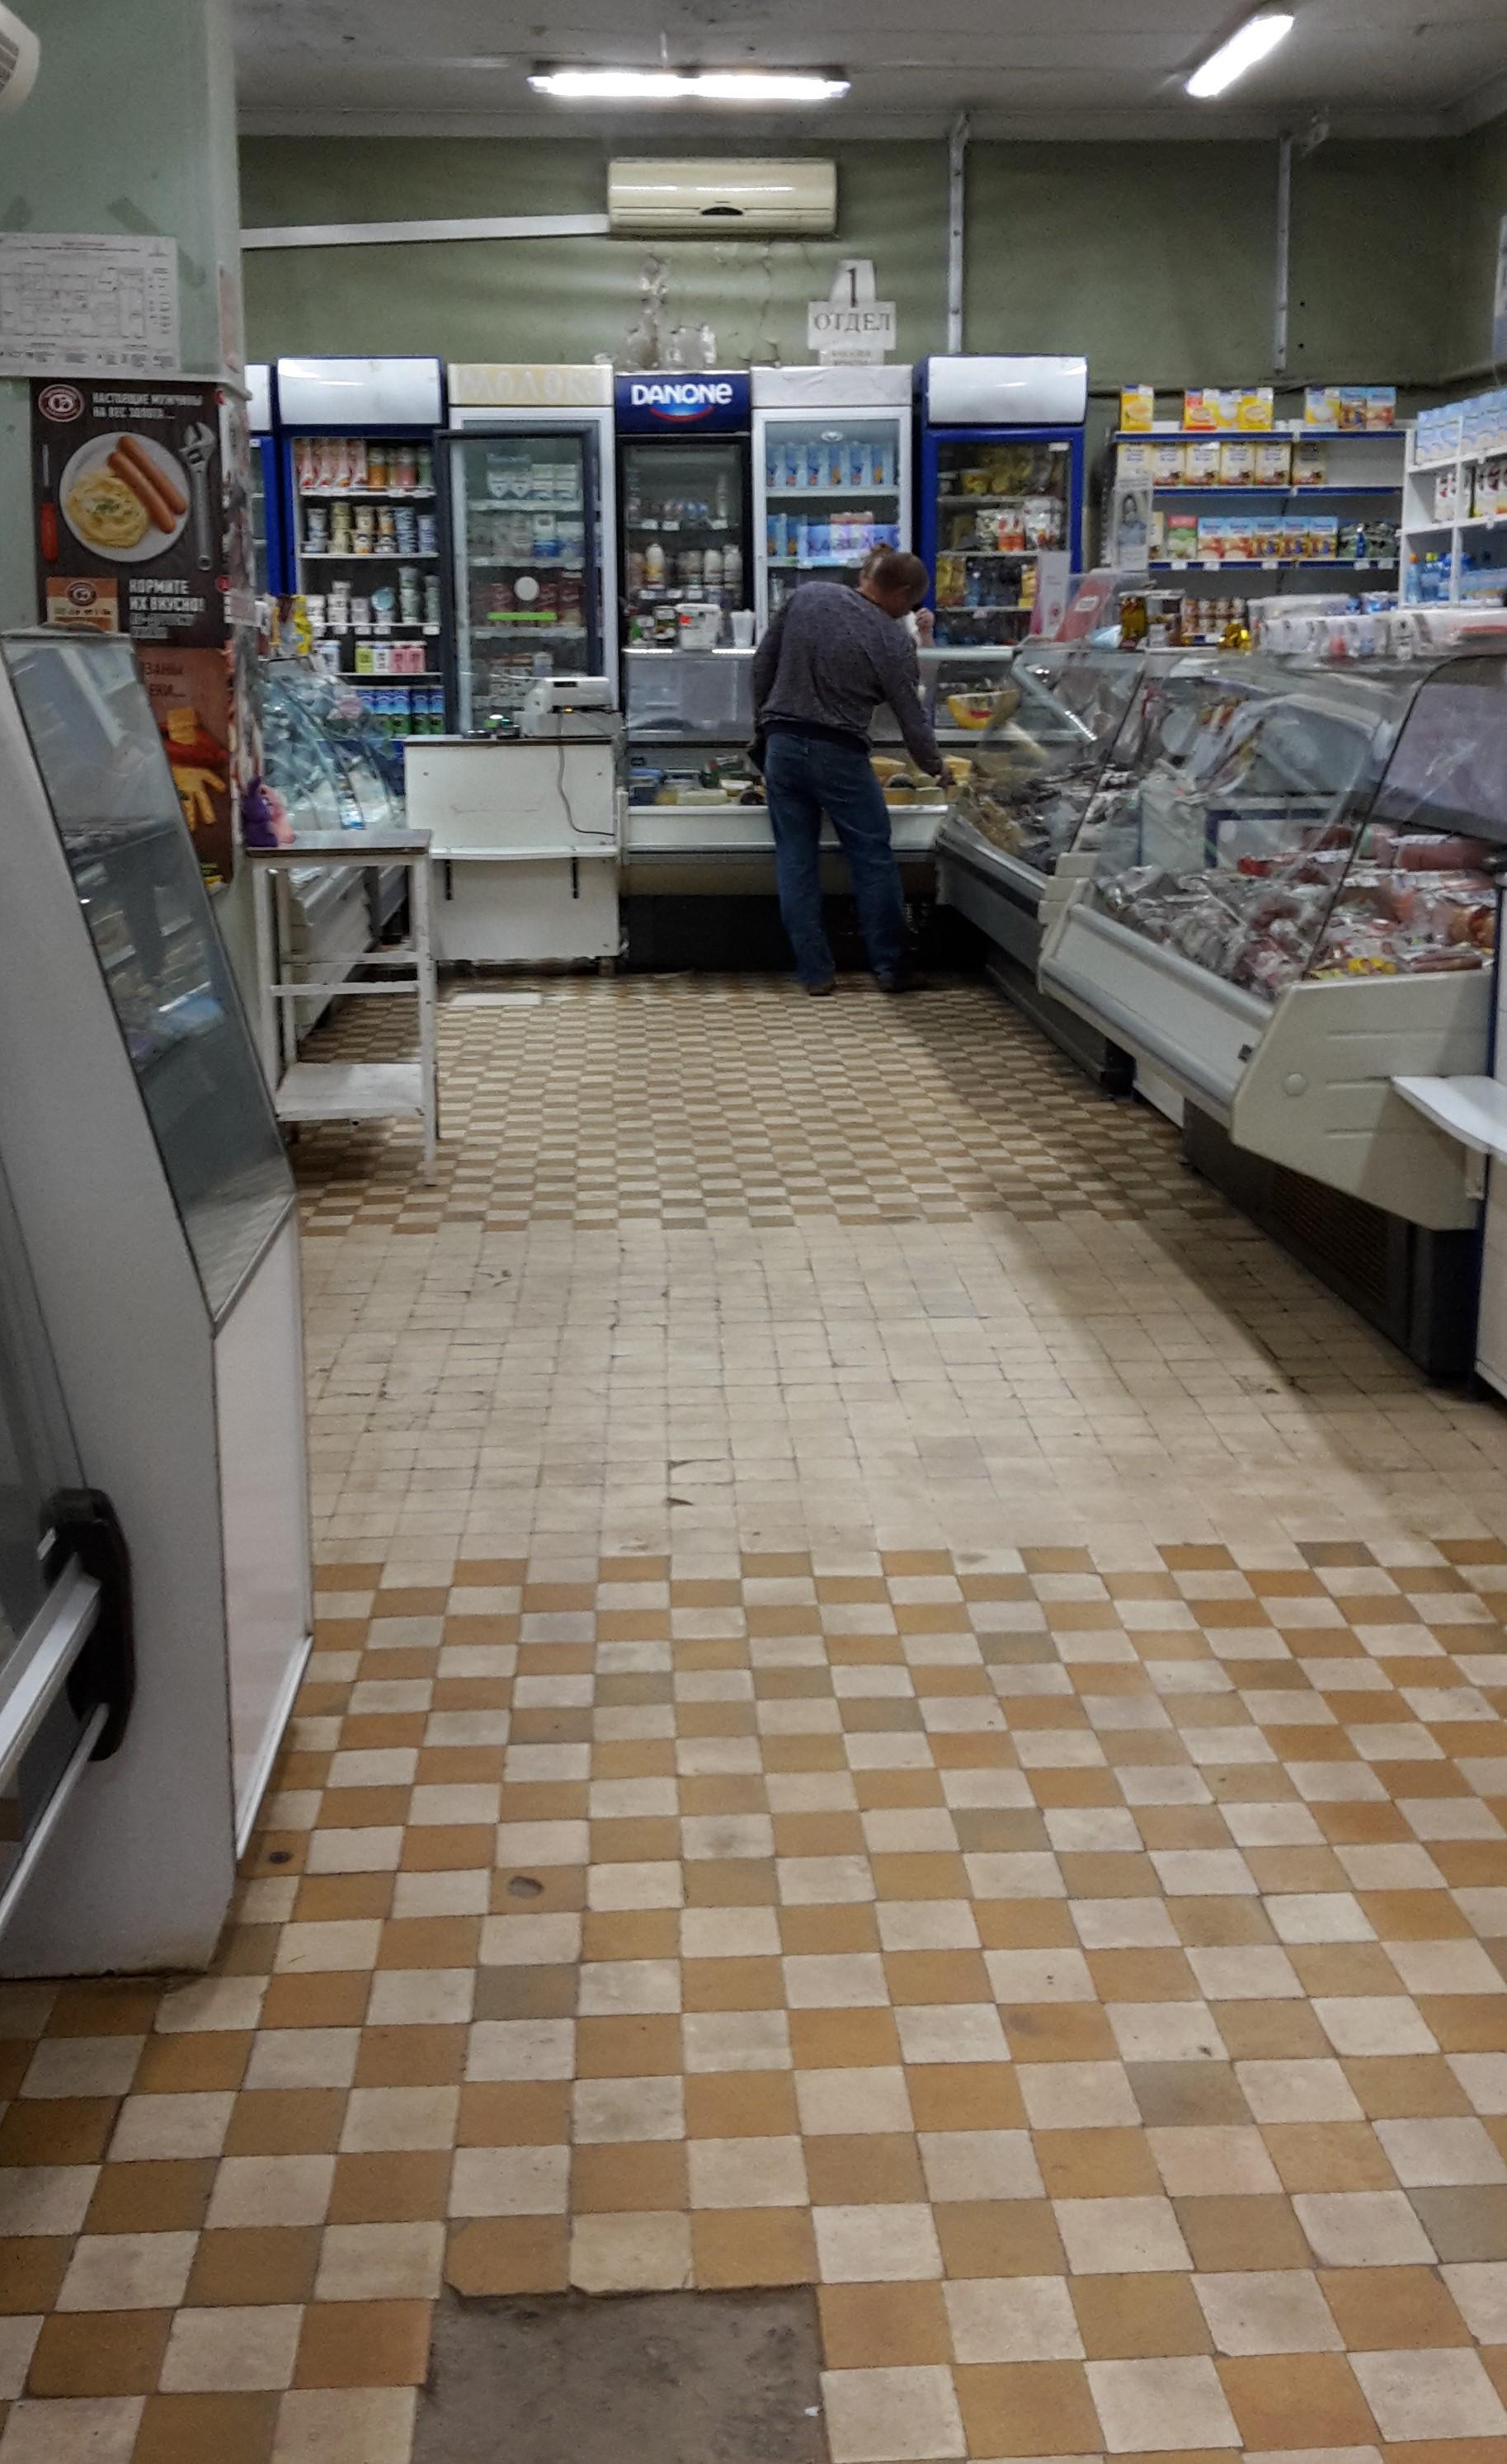 small shop in Russia